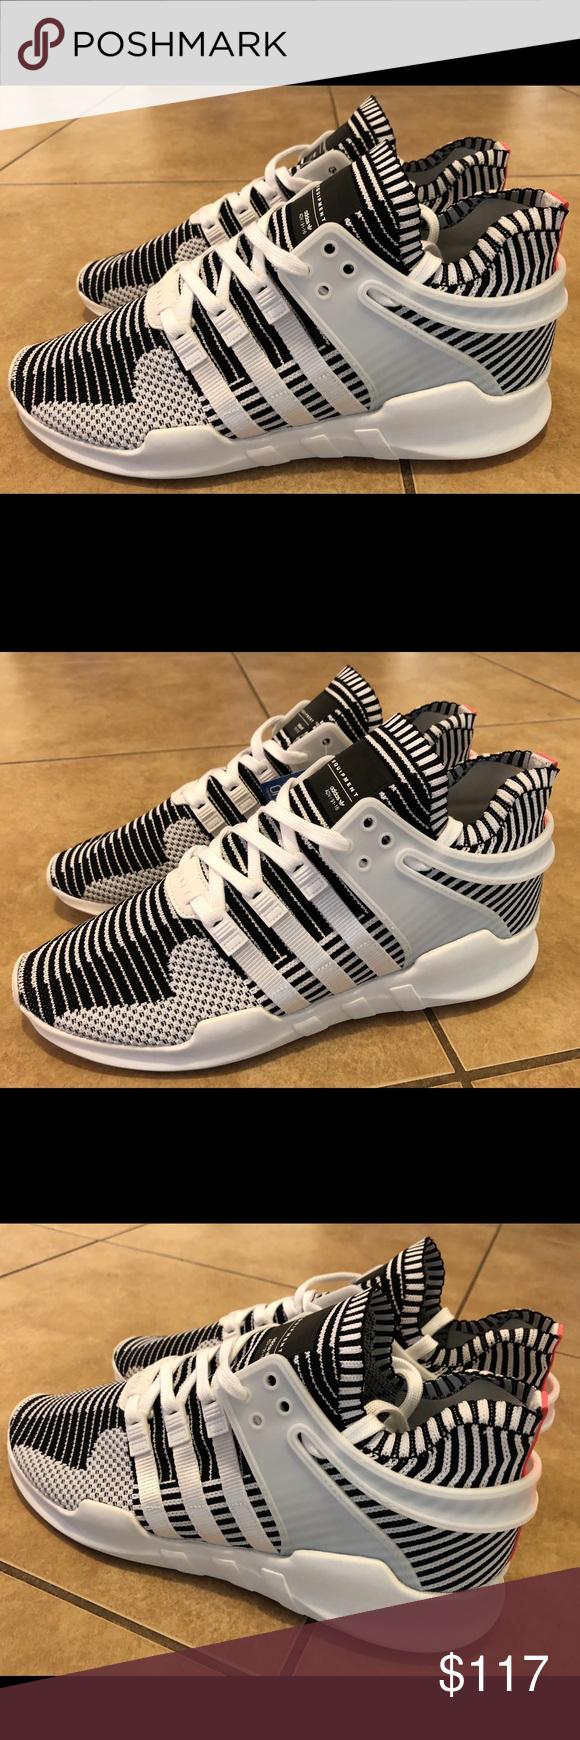 Adidas EQT Support ADV Zebra zapato Adidas EQT de Apoyo ba7496 talla 12